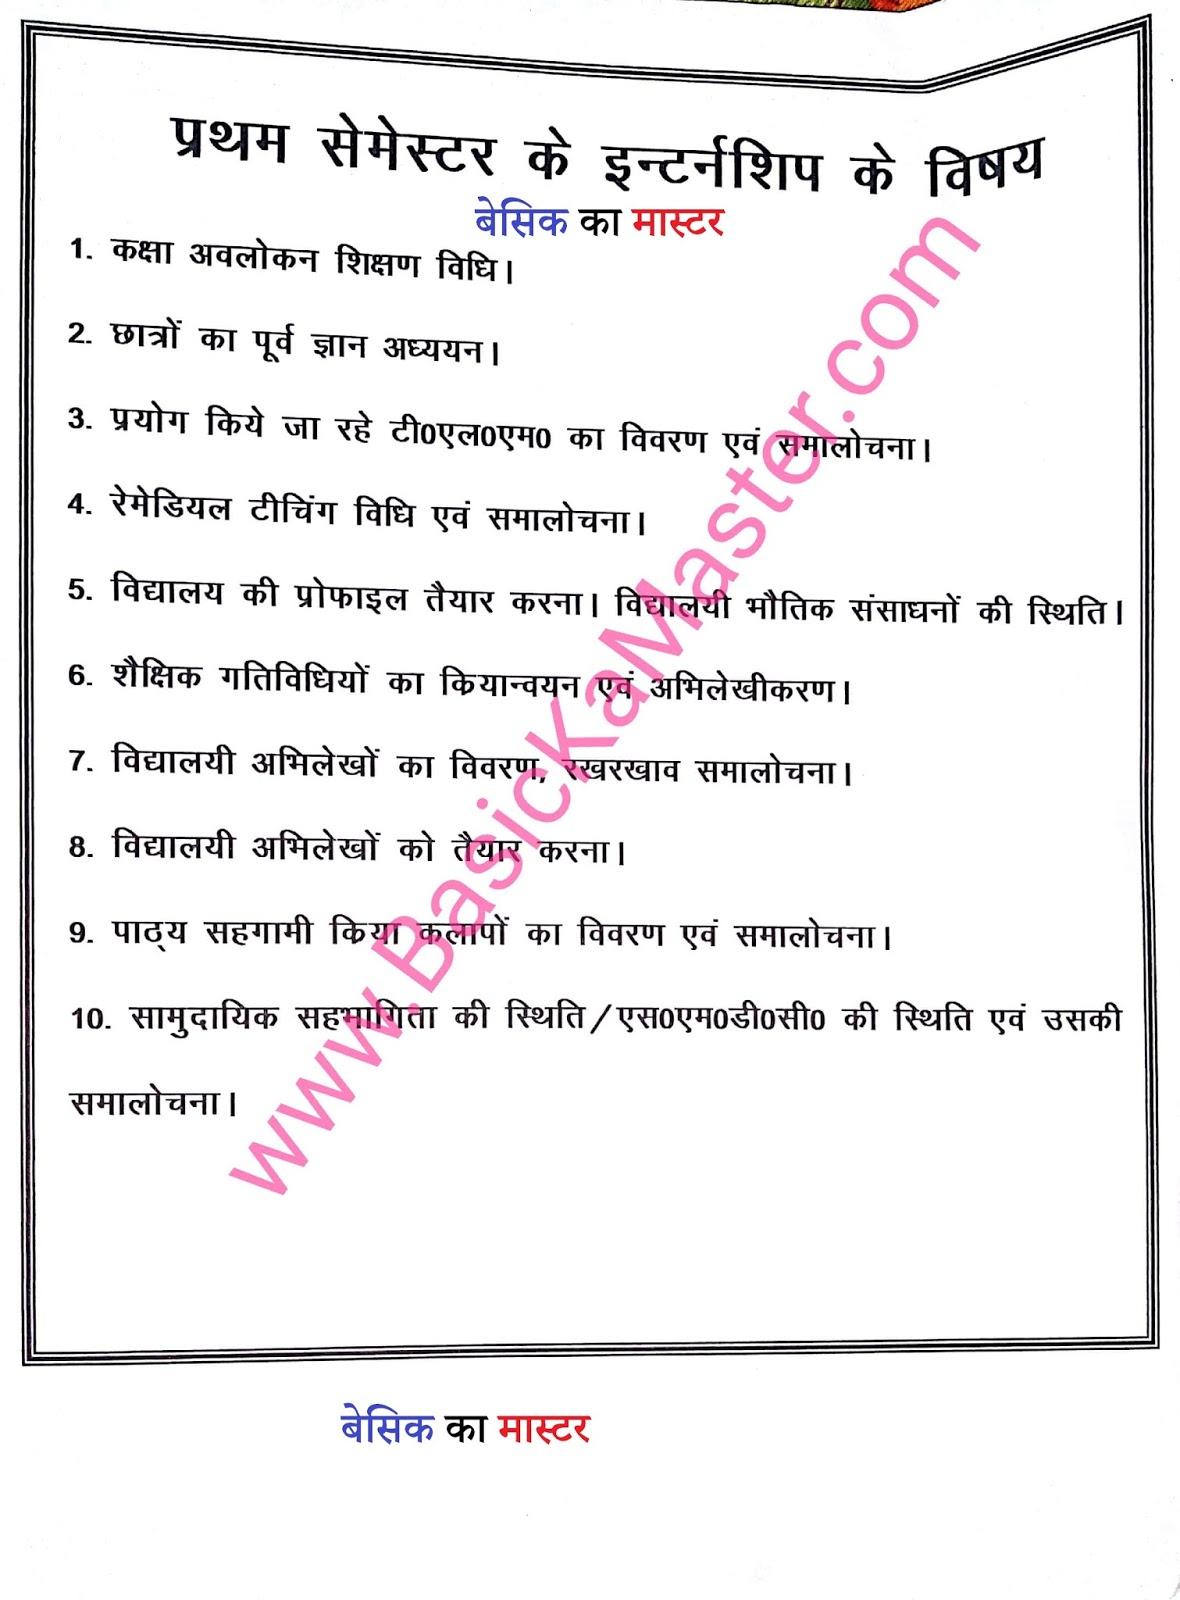 up btc carta domanda 1 ° semestre in hindi